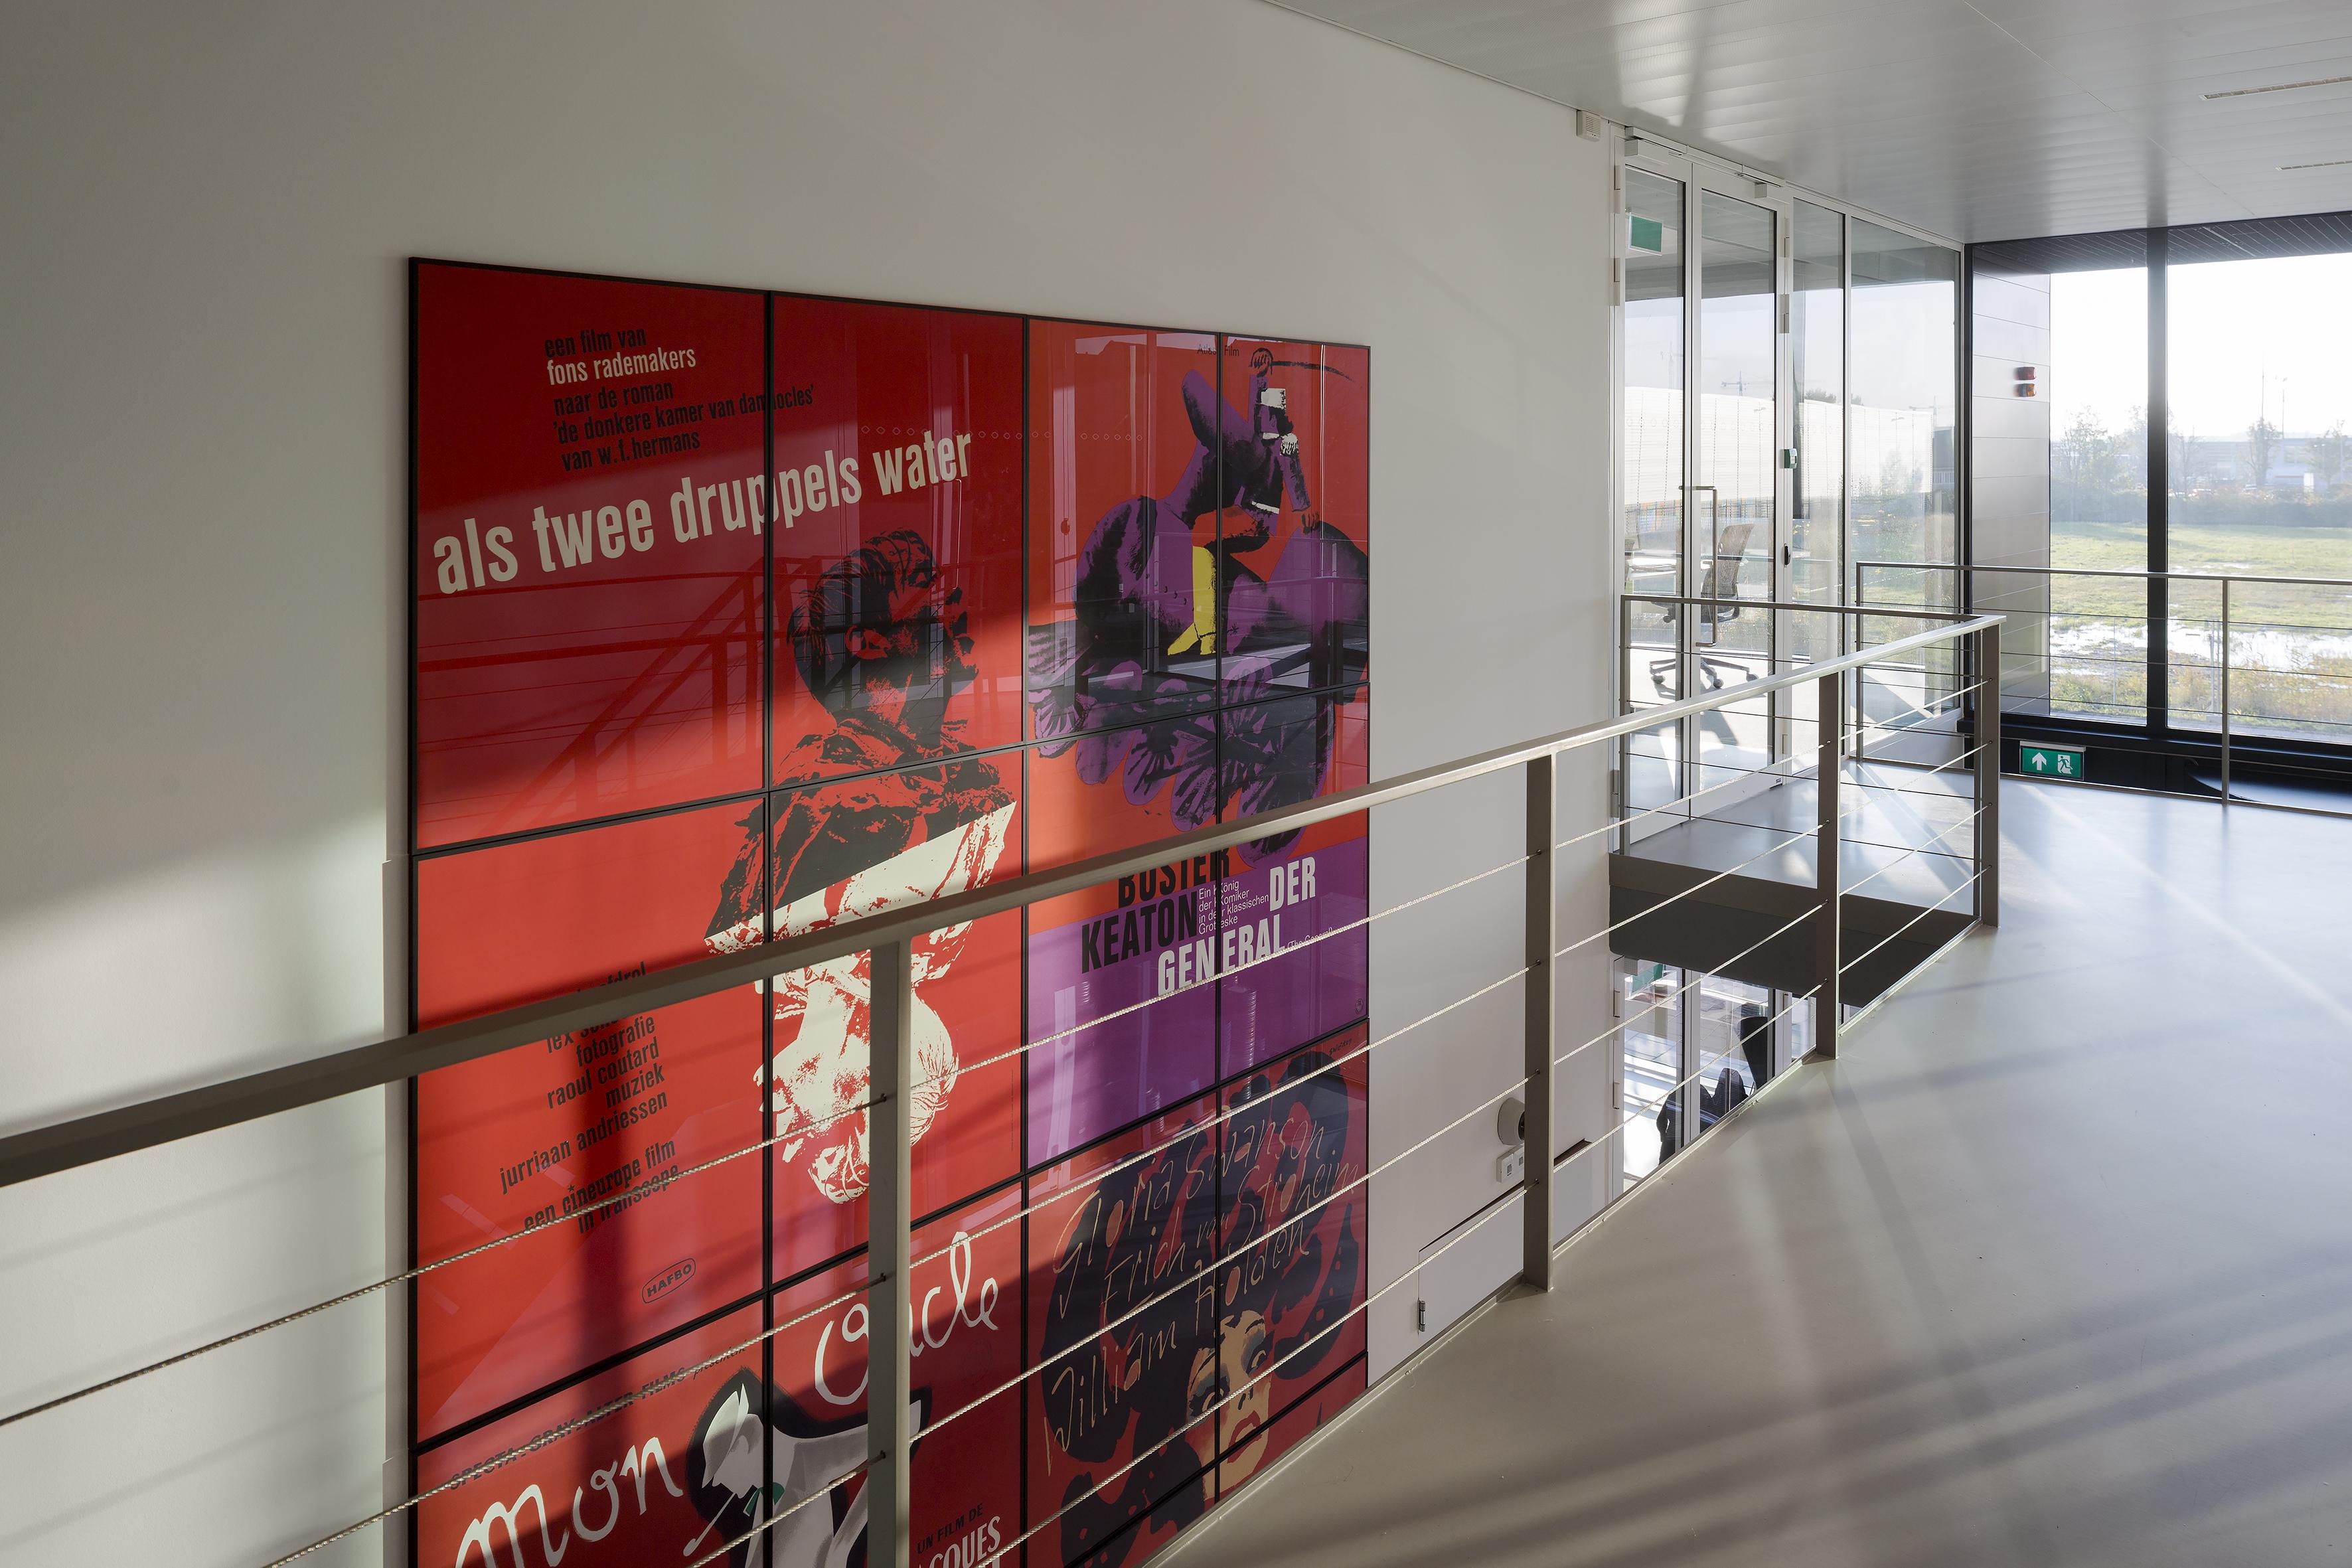 <p>Uitvergrote affiches uit EYE collectie in de hal</p>